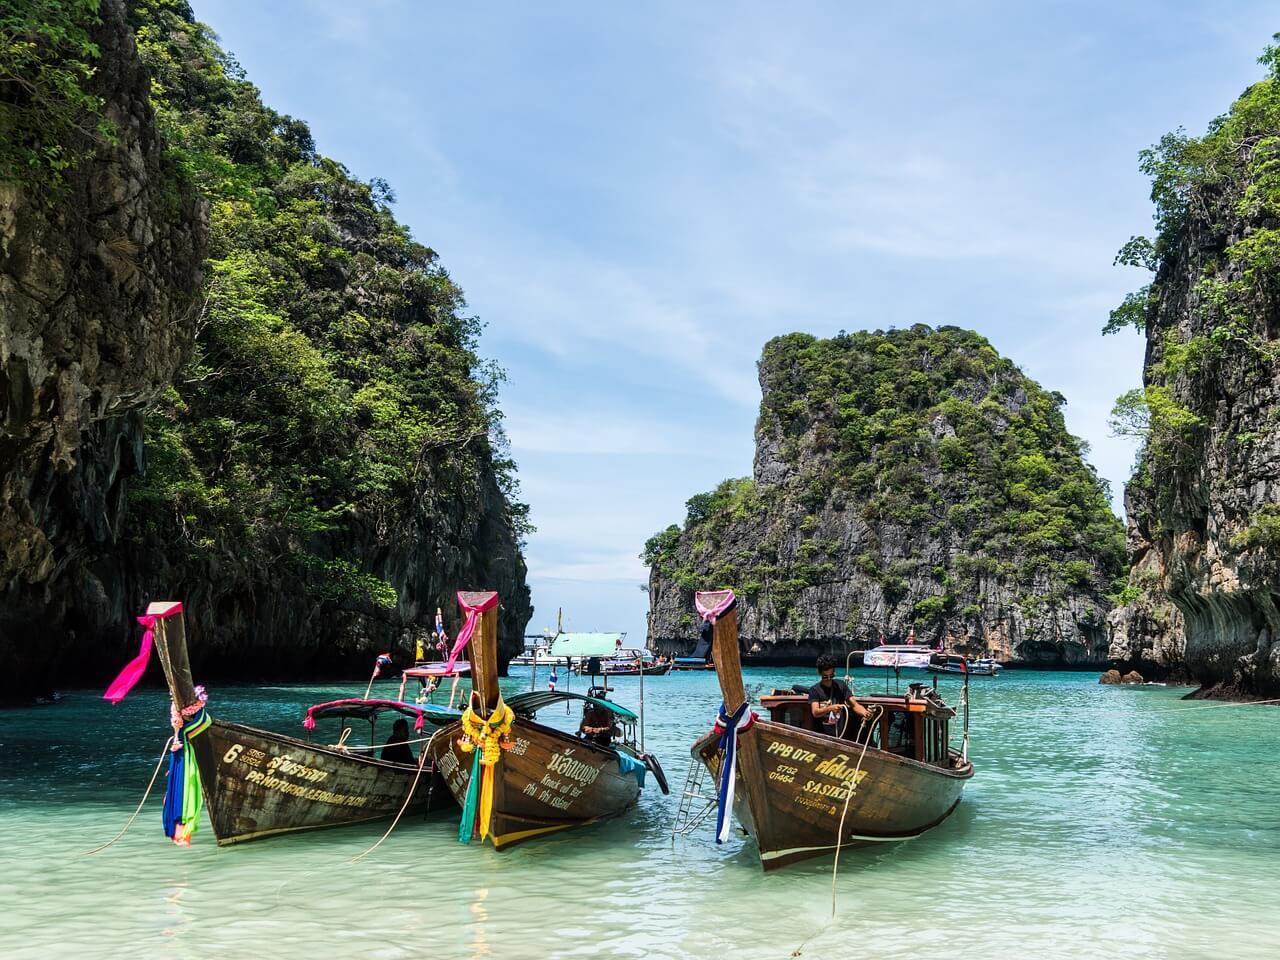 Okusi, ki nas popeljejo na potovanje: Tajska